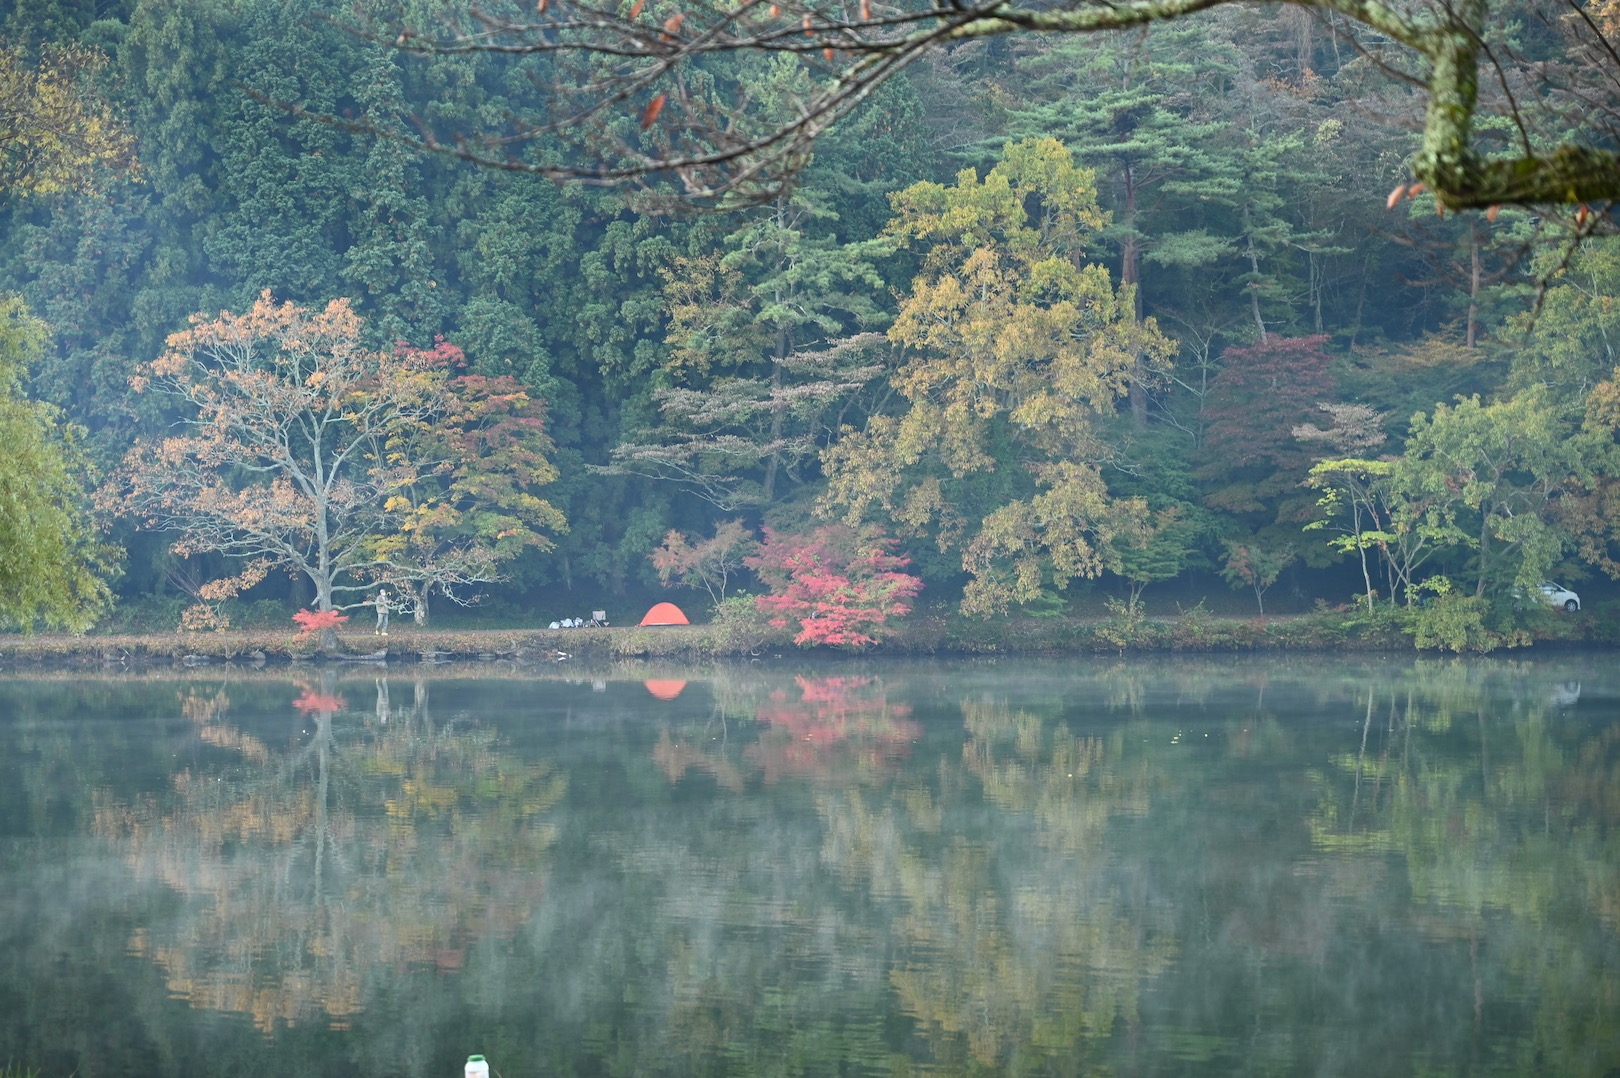 対岸の紅葉とテント